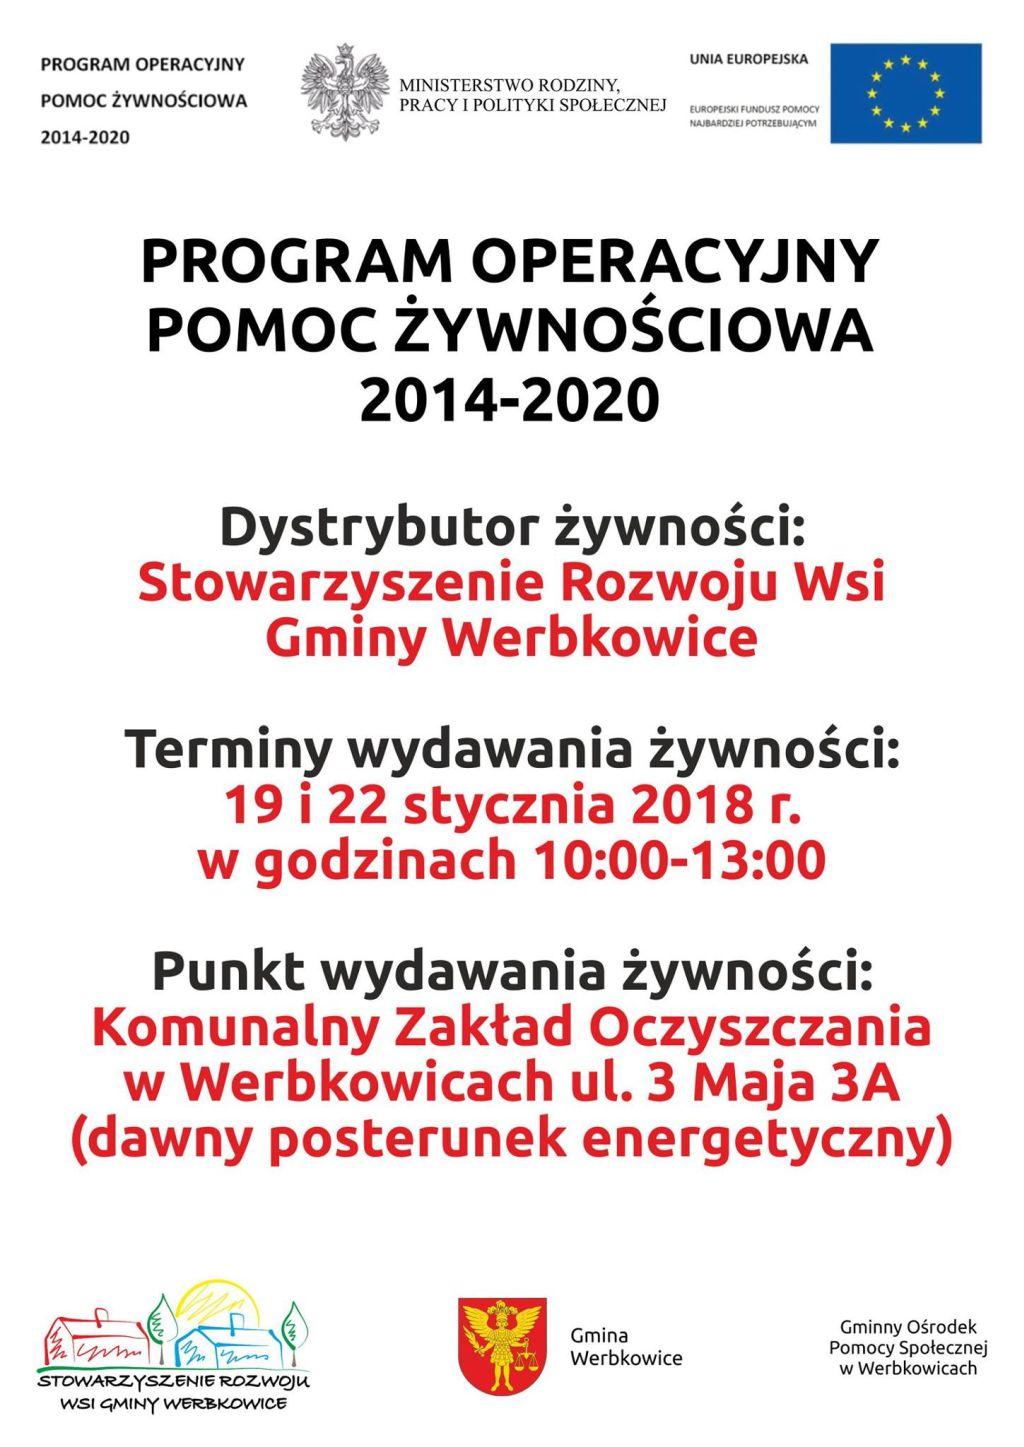 Druga transza dystrybucji żywności POPZ 2014-2020